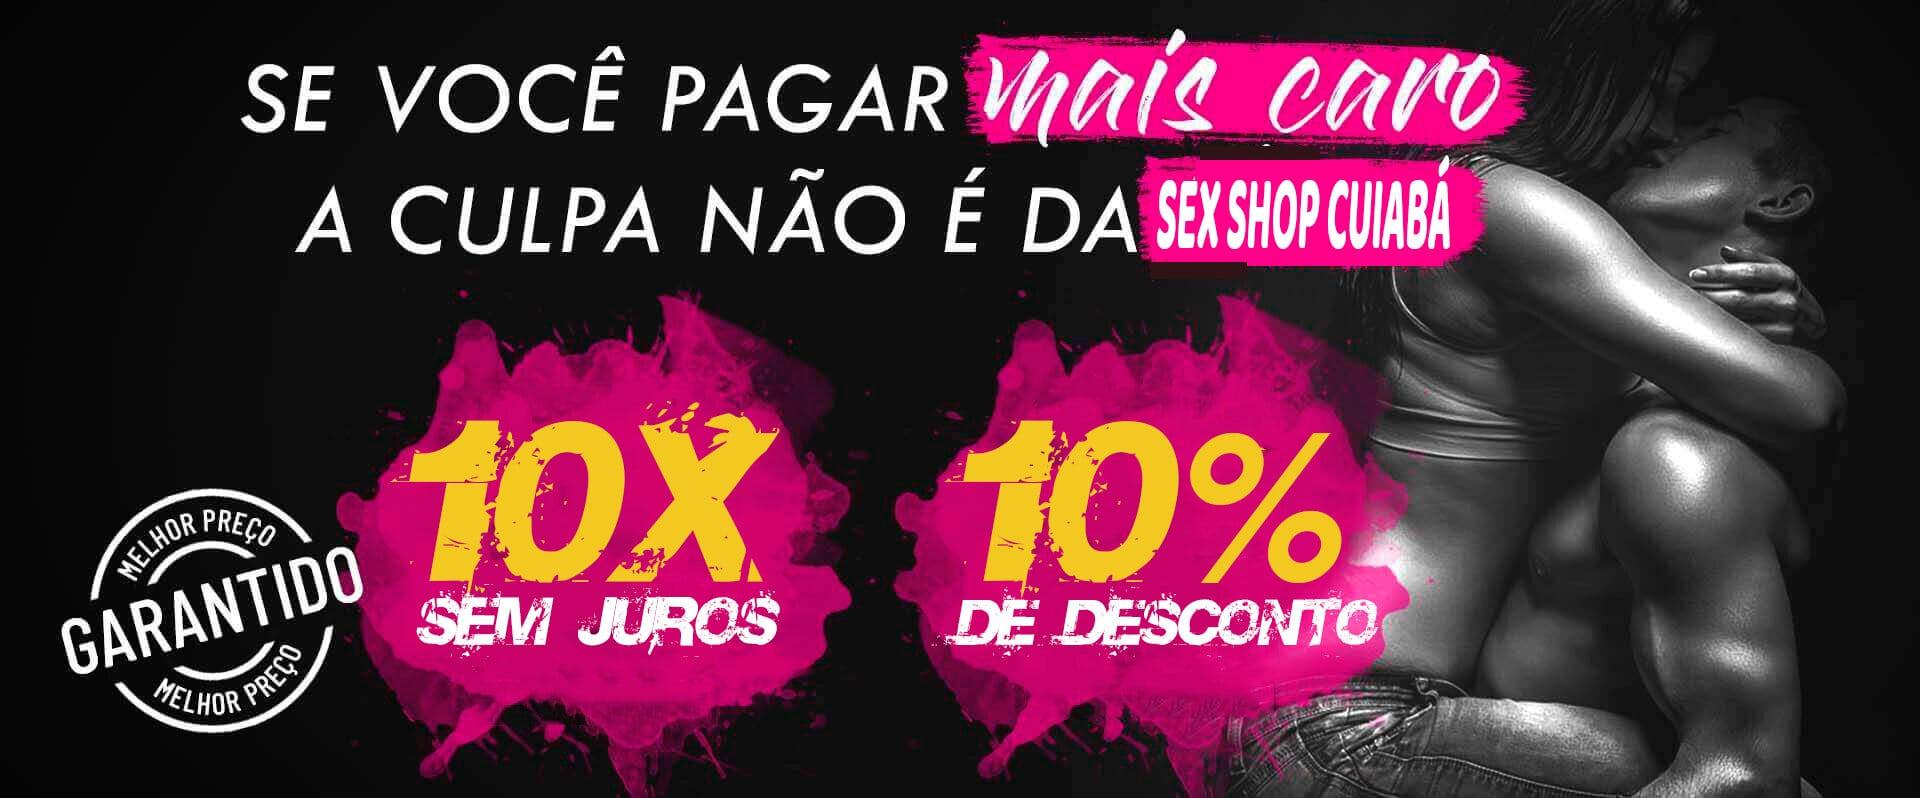 Sex shop Cuiabá Descontos